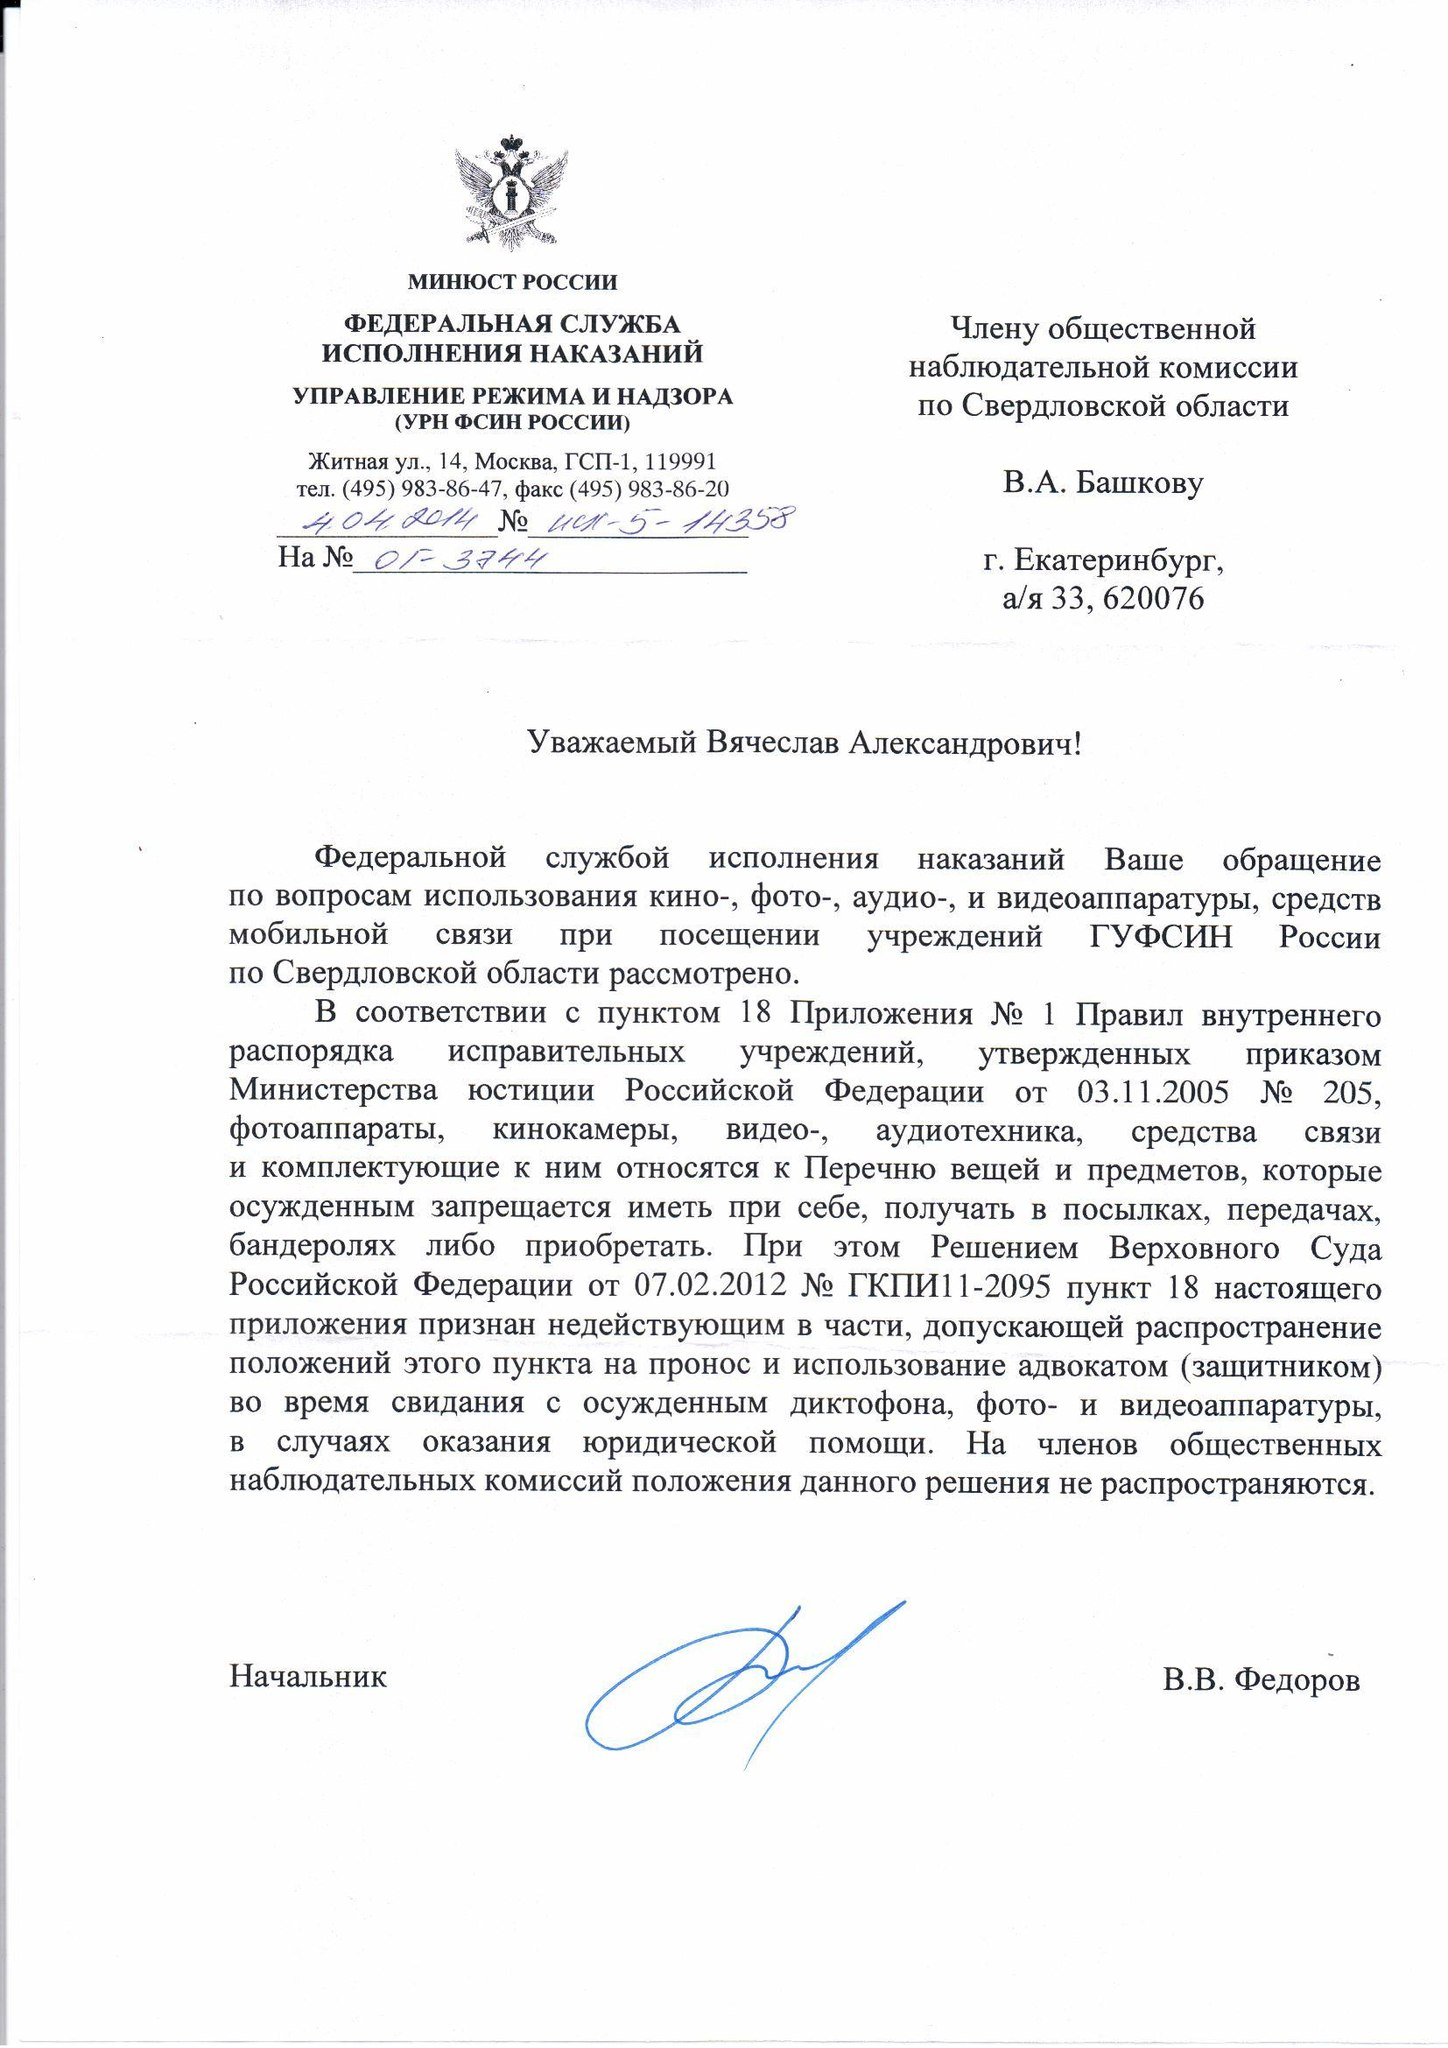 ответ ФСИН о нарушениях прав общсетвенных наблюдателей